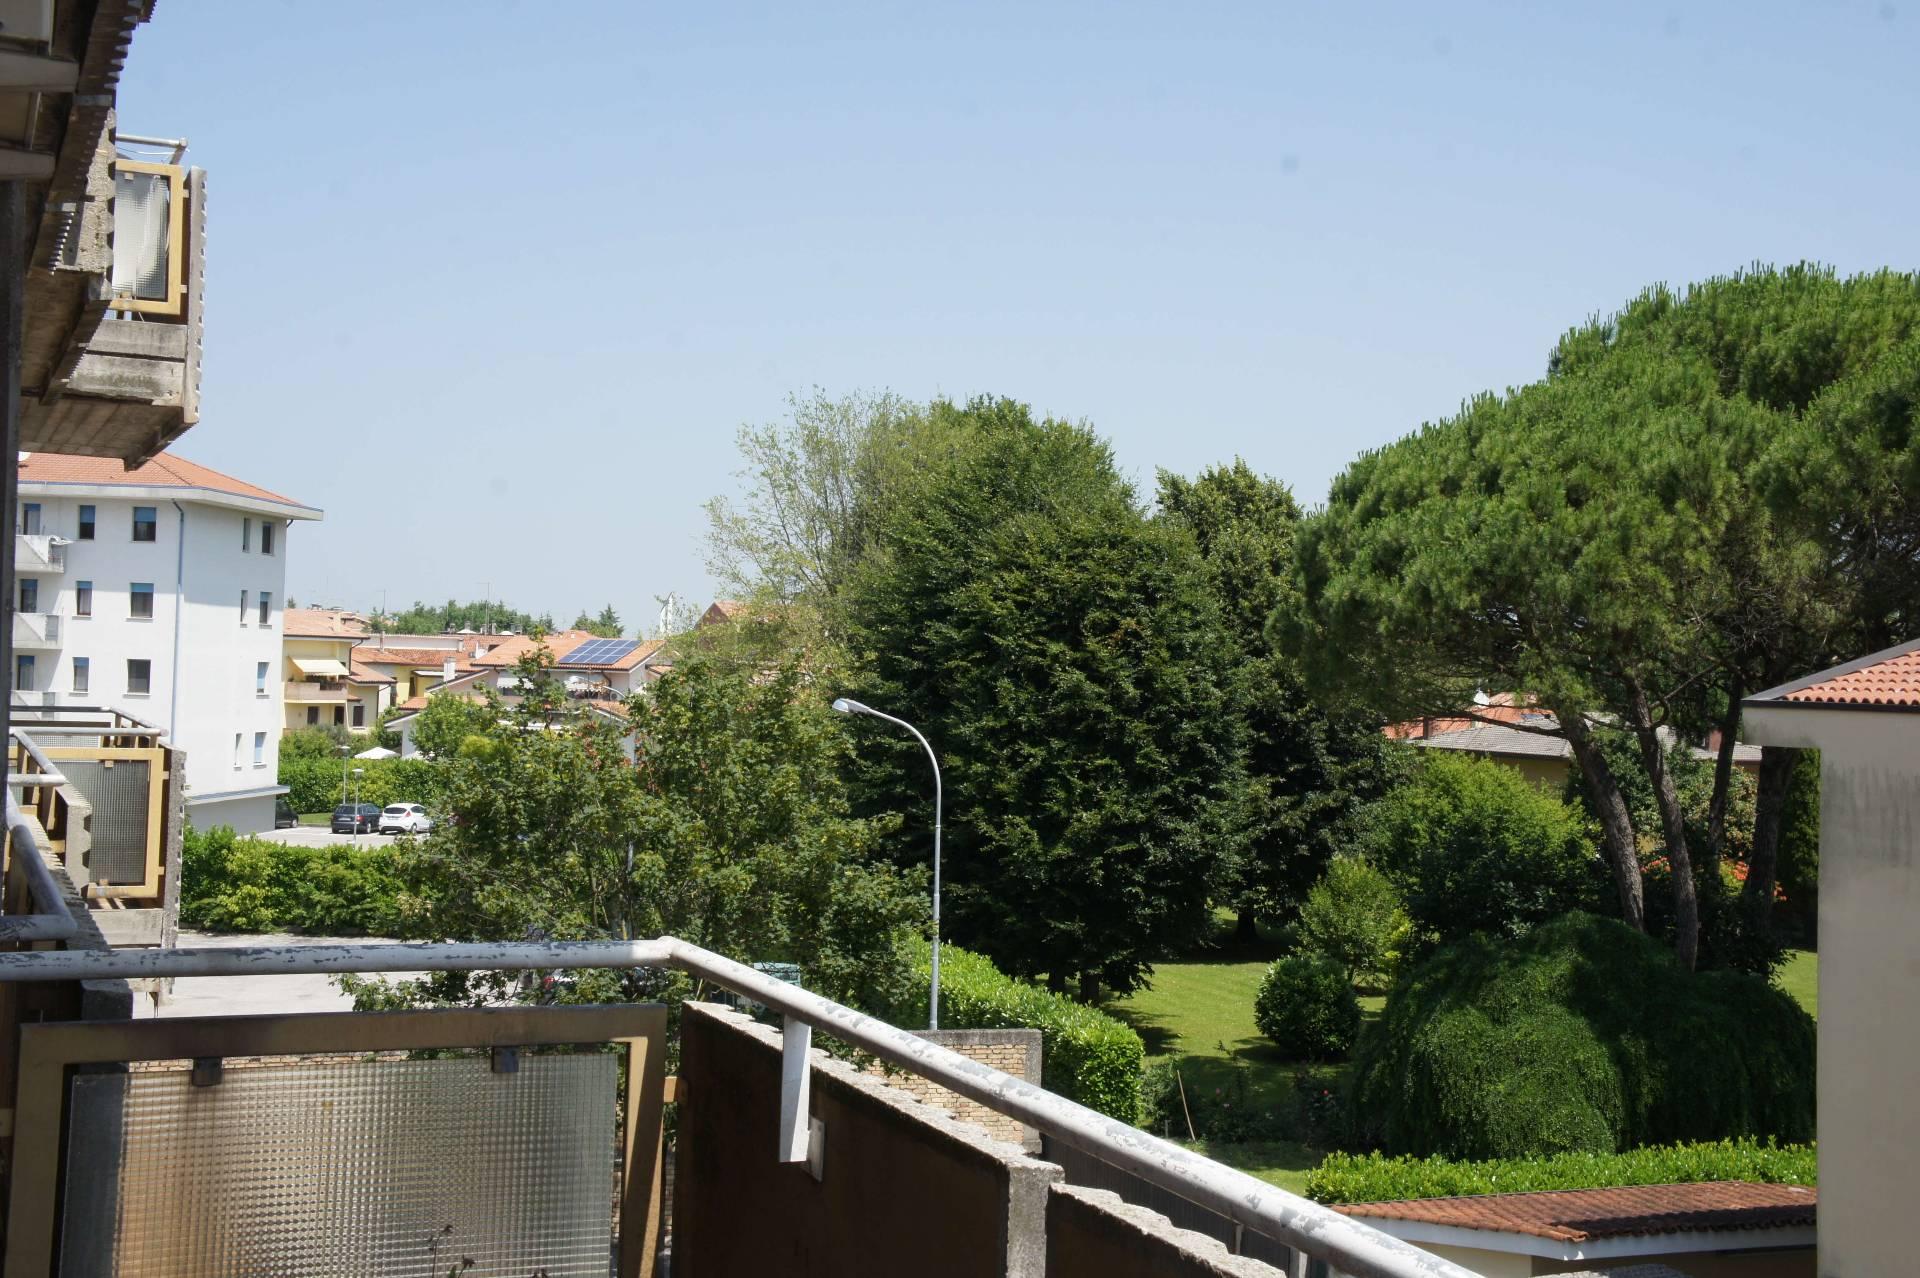 Appartamento in vendita a San Donà di Piave, 5 locali, zona Località: Centro, prezzo € 107.000 | Cambio Casa.it